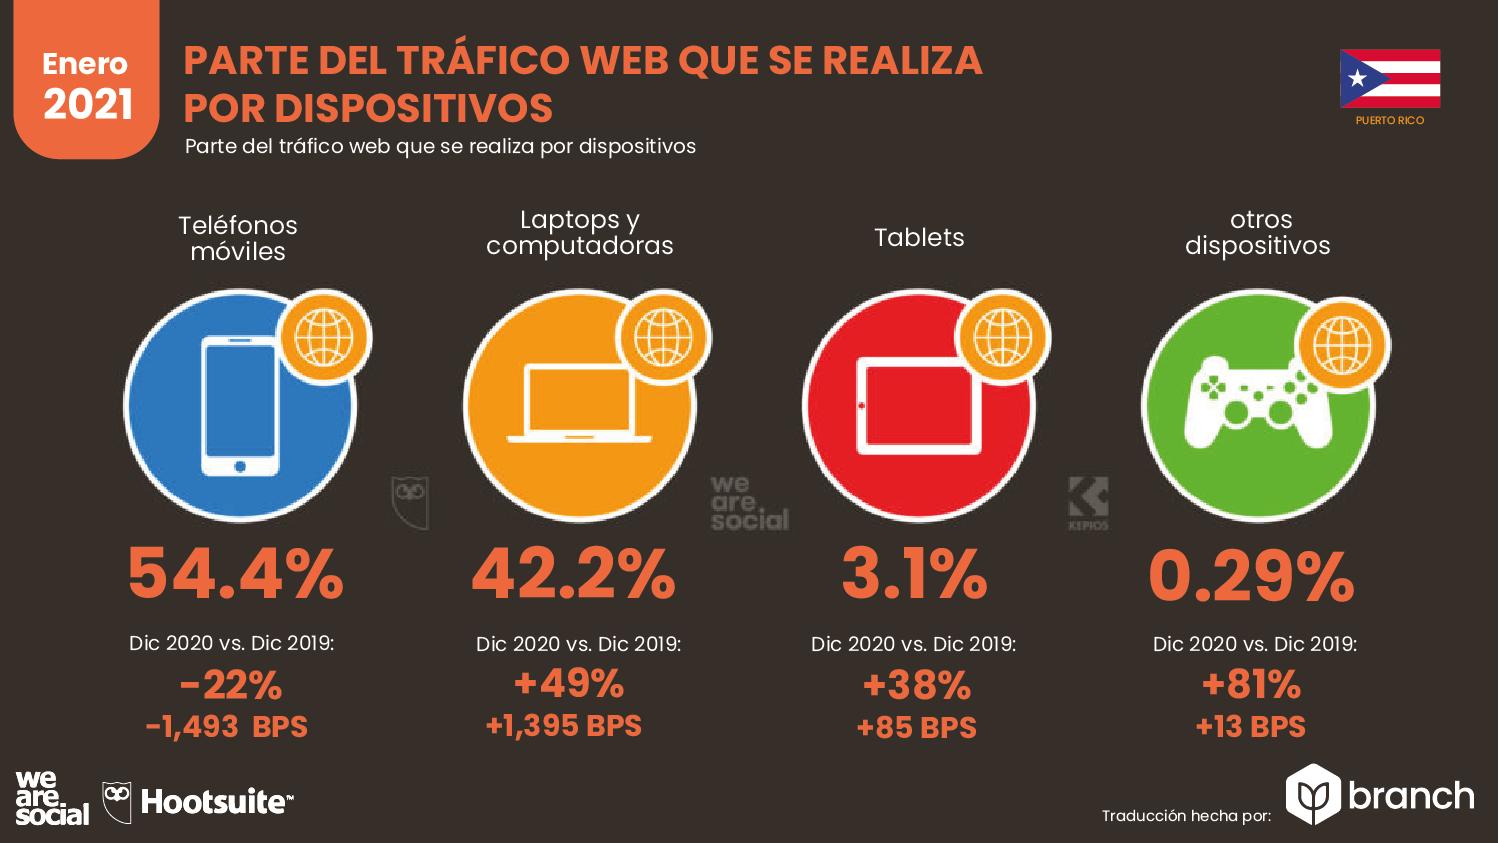 trafico-web-por-dispositivos-puerto-rico-2020-2021